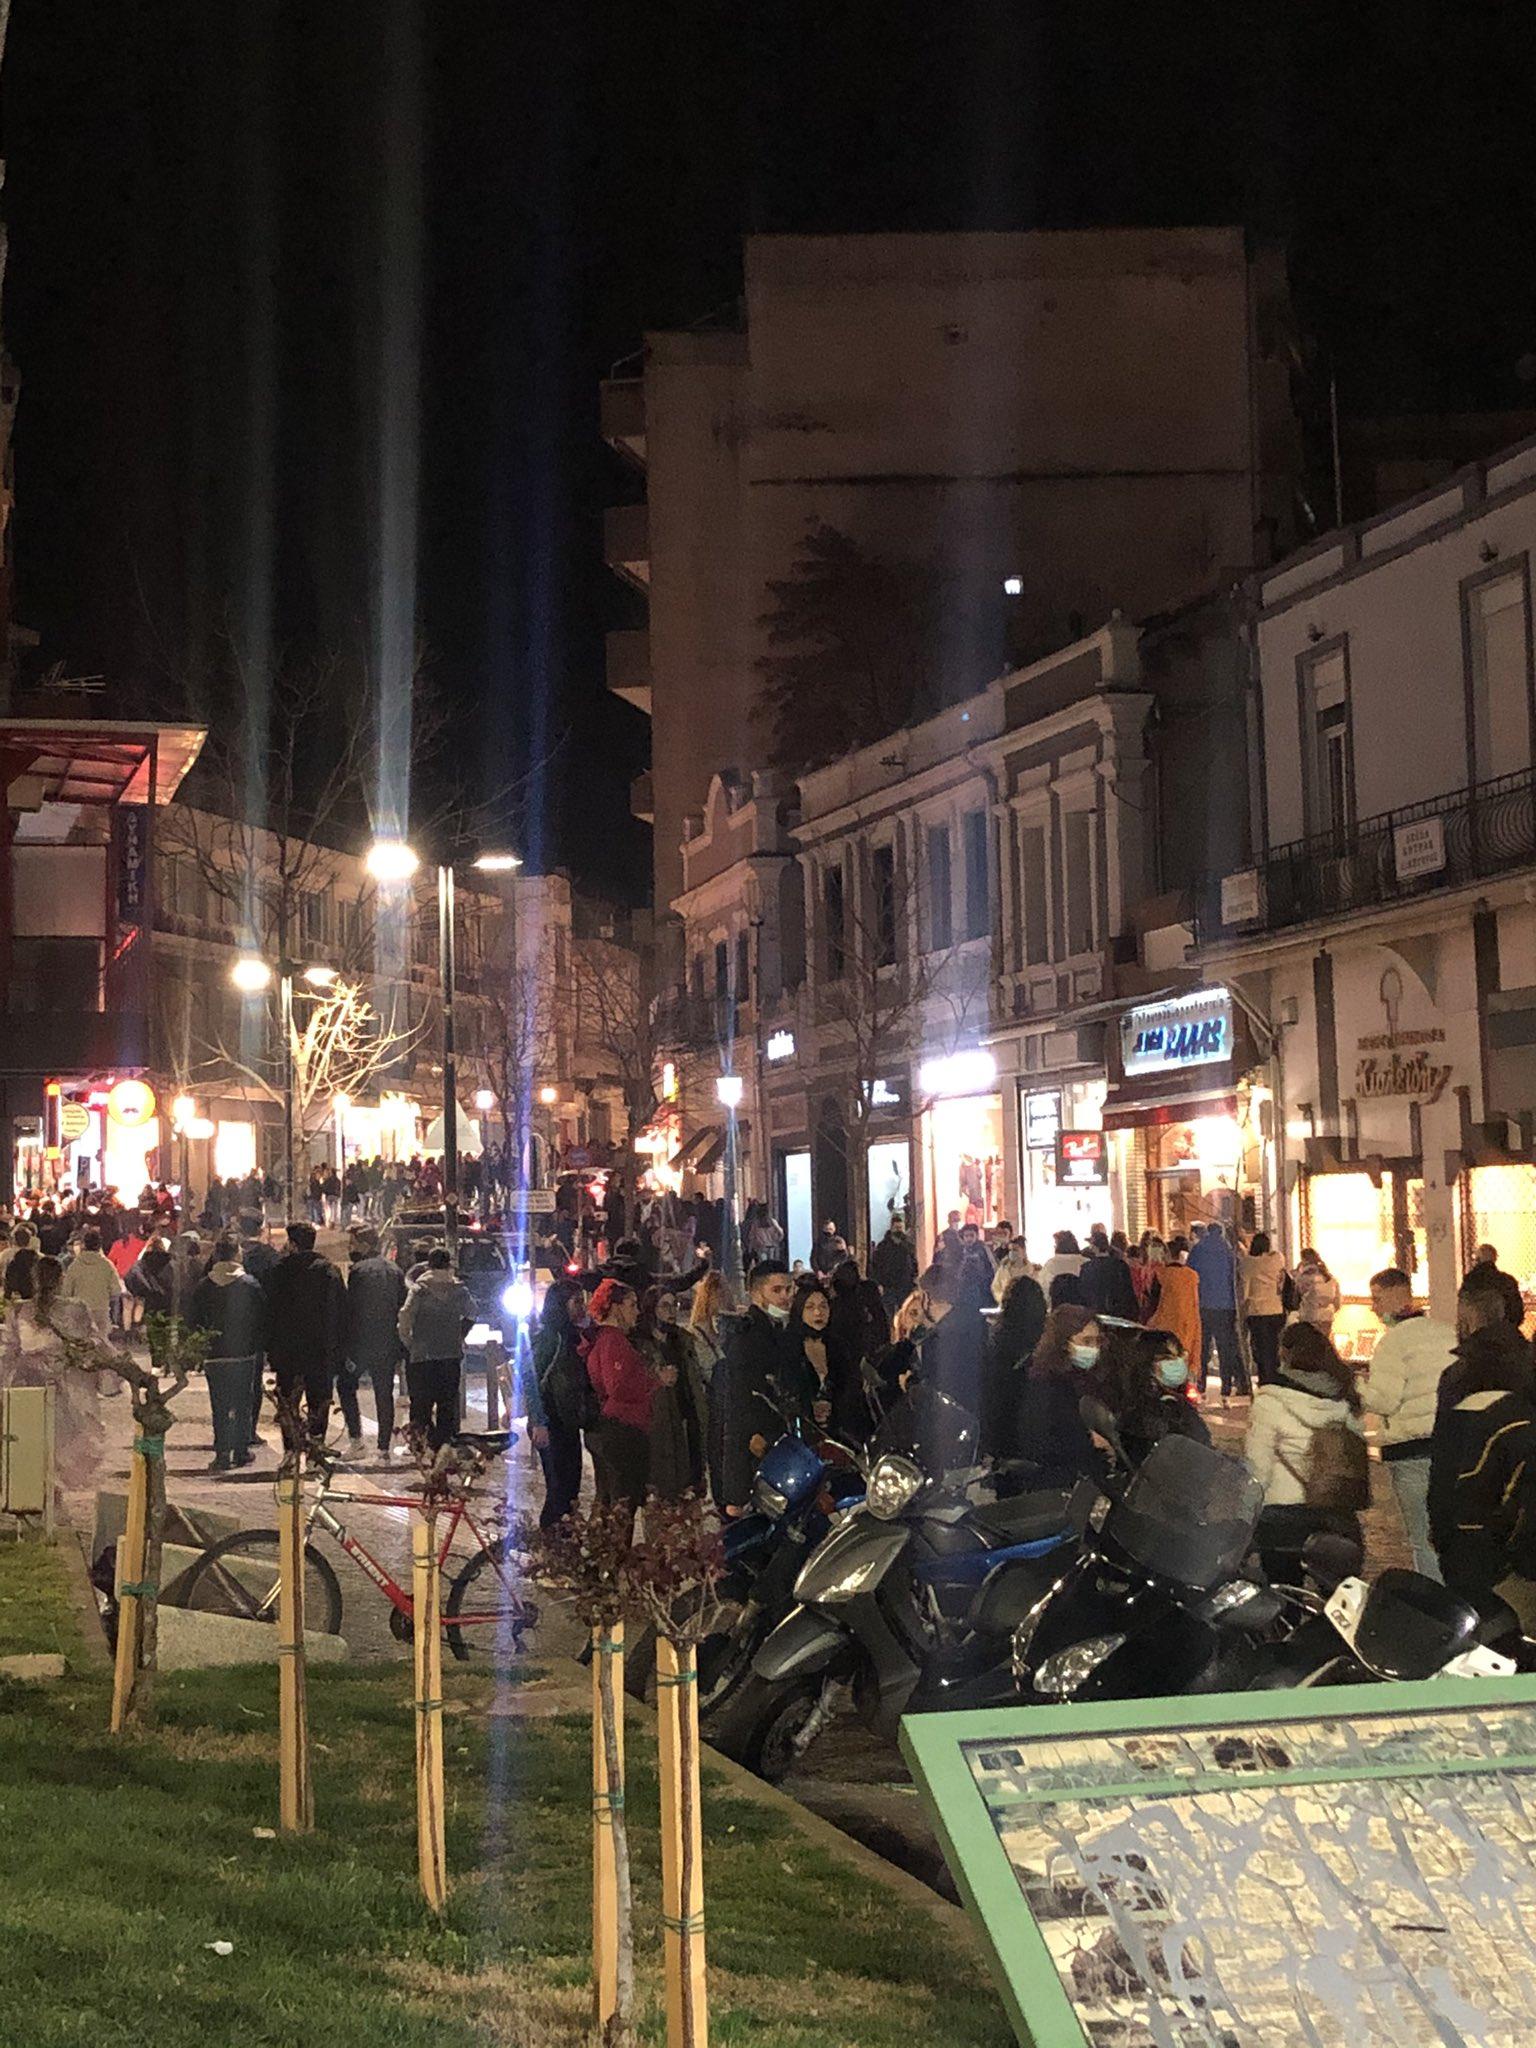 Κυριακή της Αποκριάς με γεμάτους δρόμους στην Ξάνθη [ΒΙΝΤΕΟ]